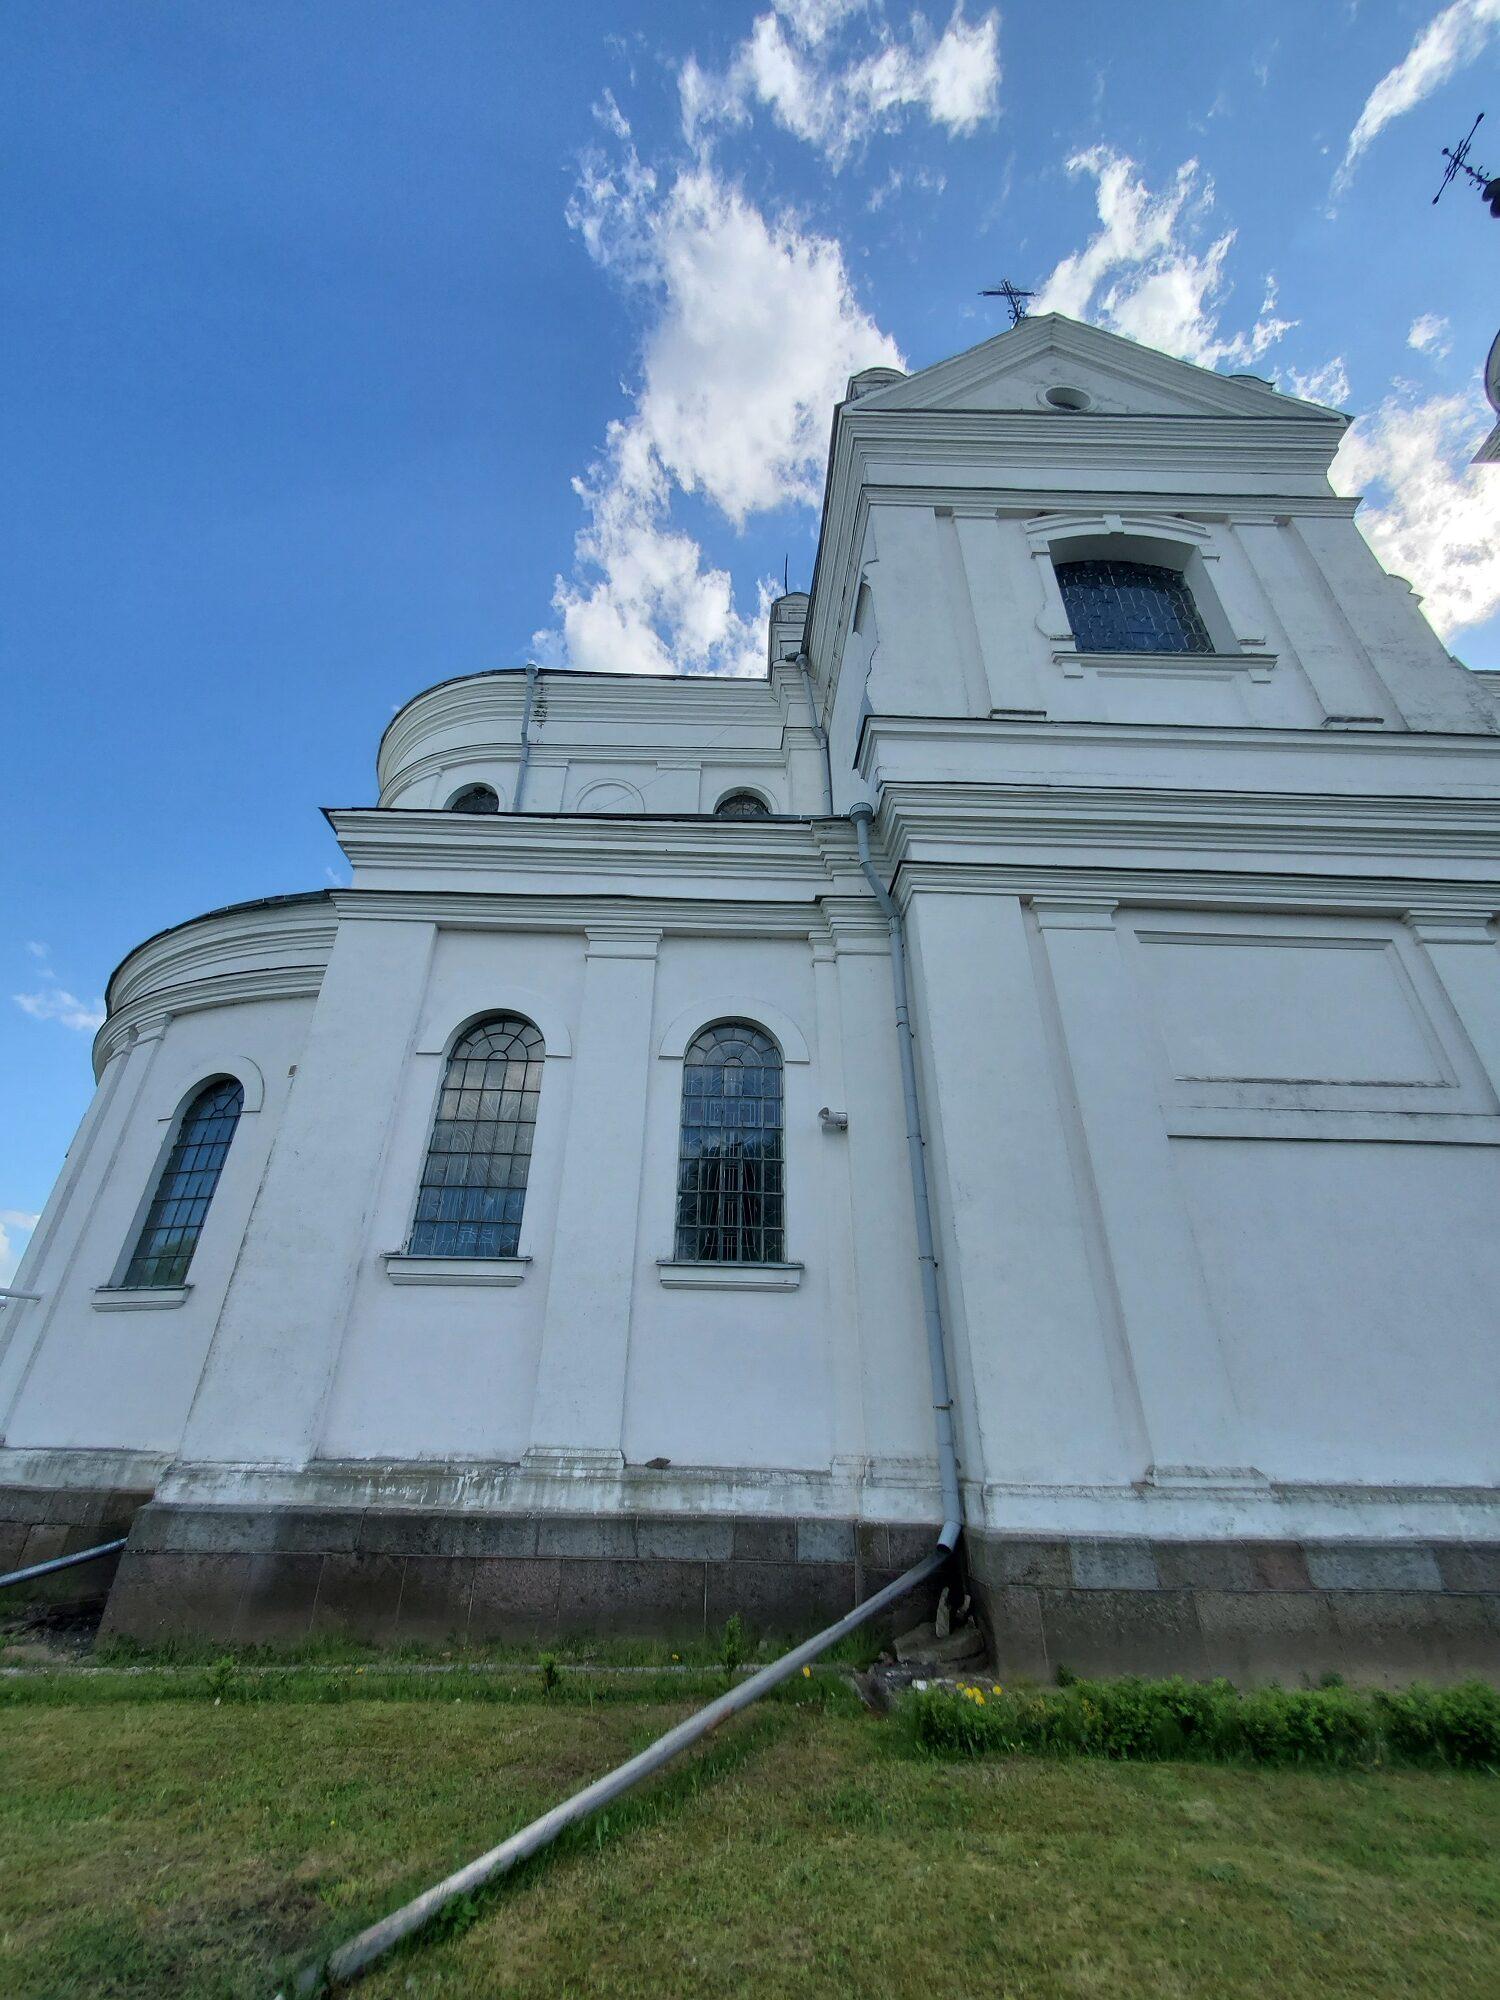 20200606 164927 rotated - Костел Пресвятой Девы Марии в деревне Парафьяново